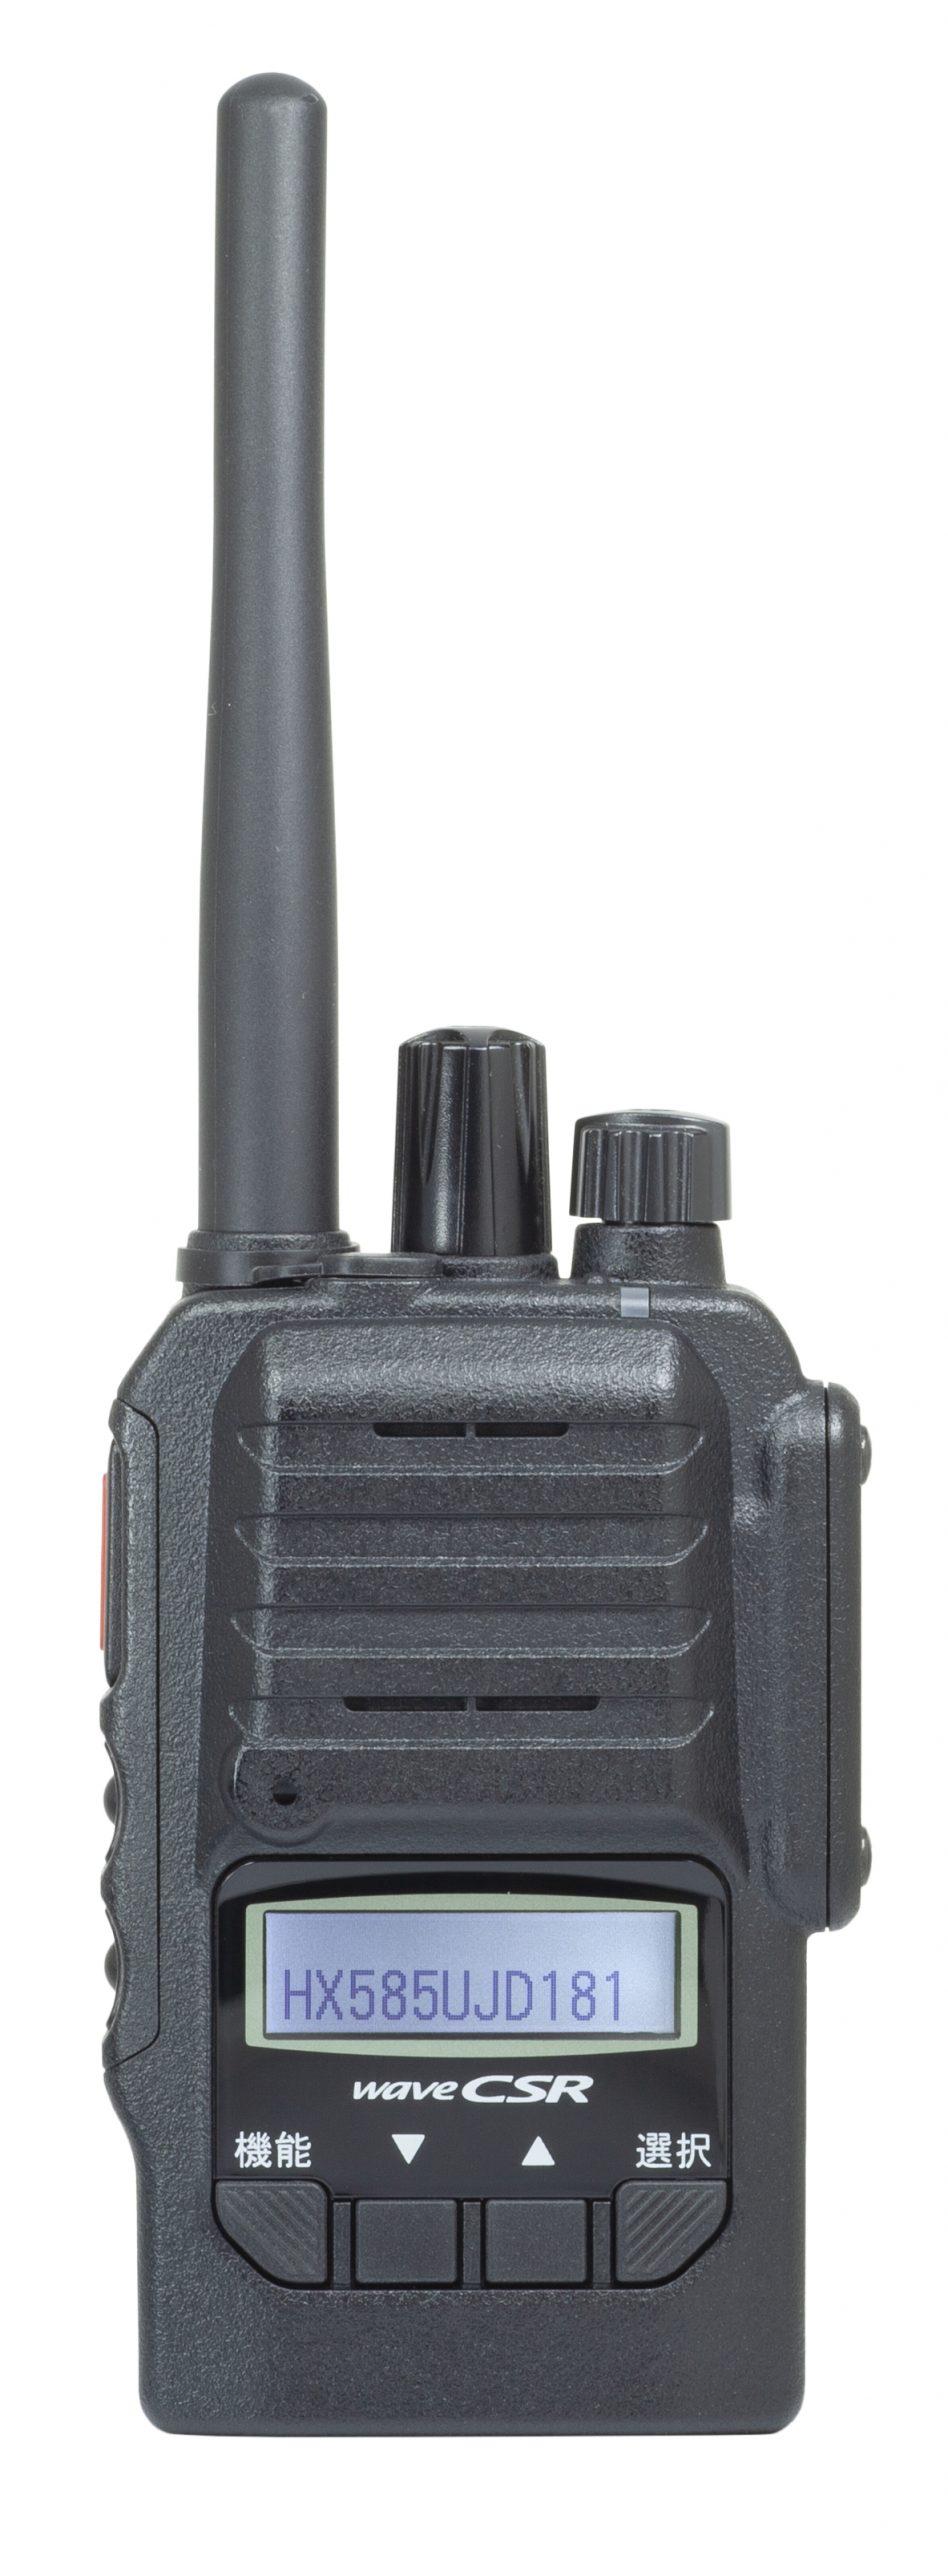 HX585UJD181